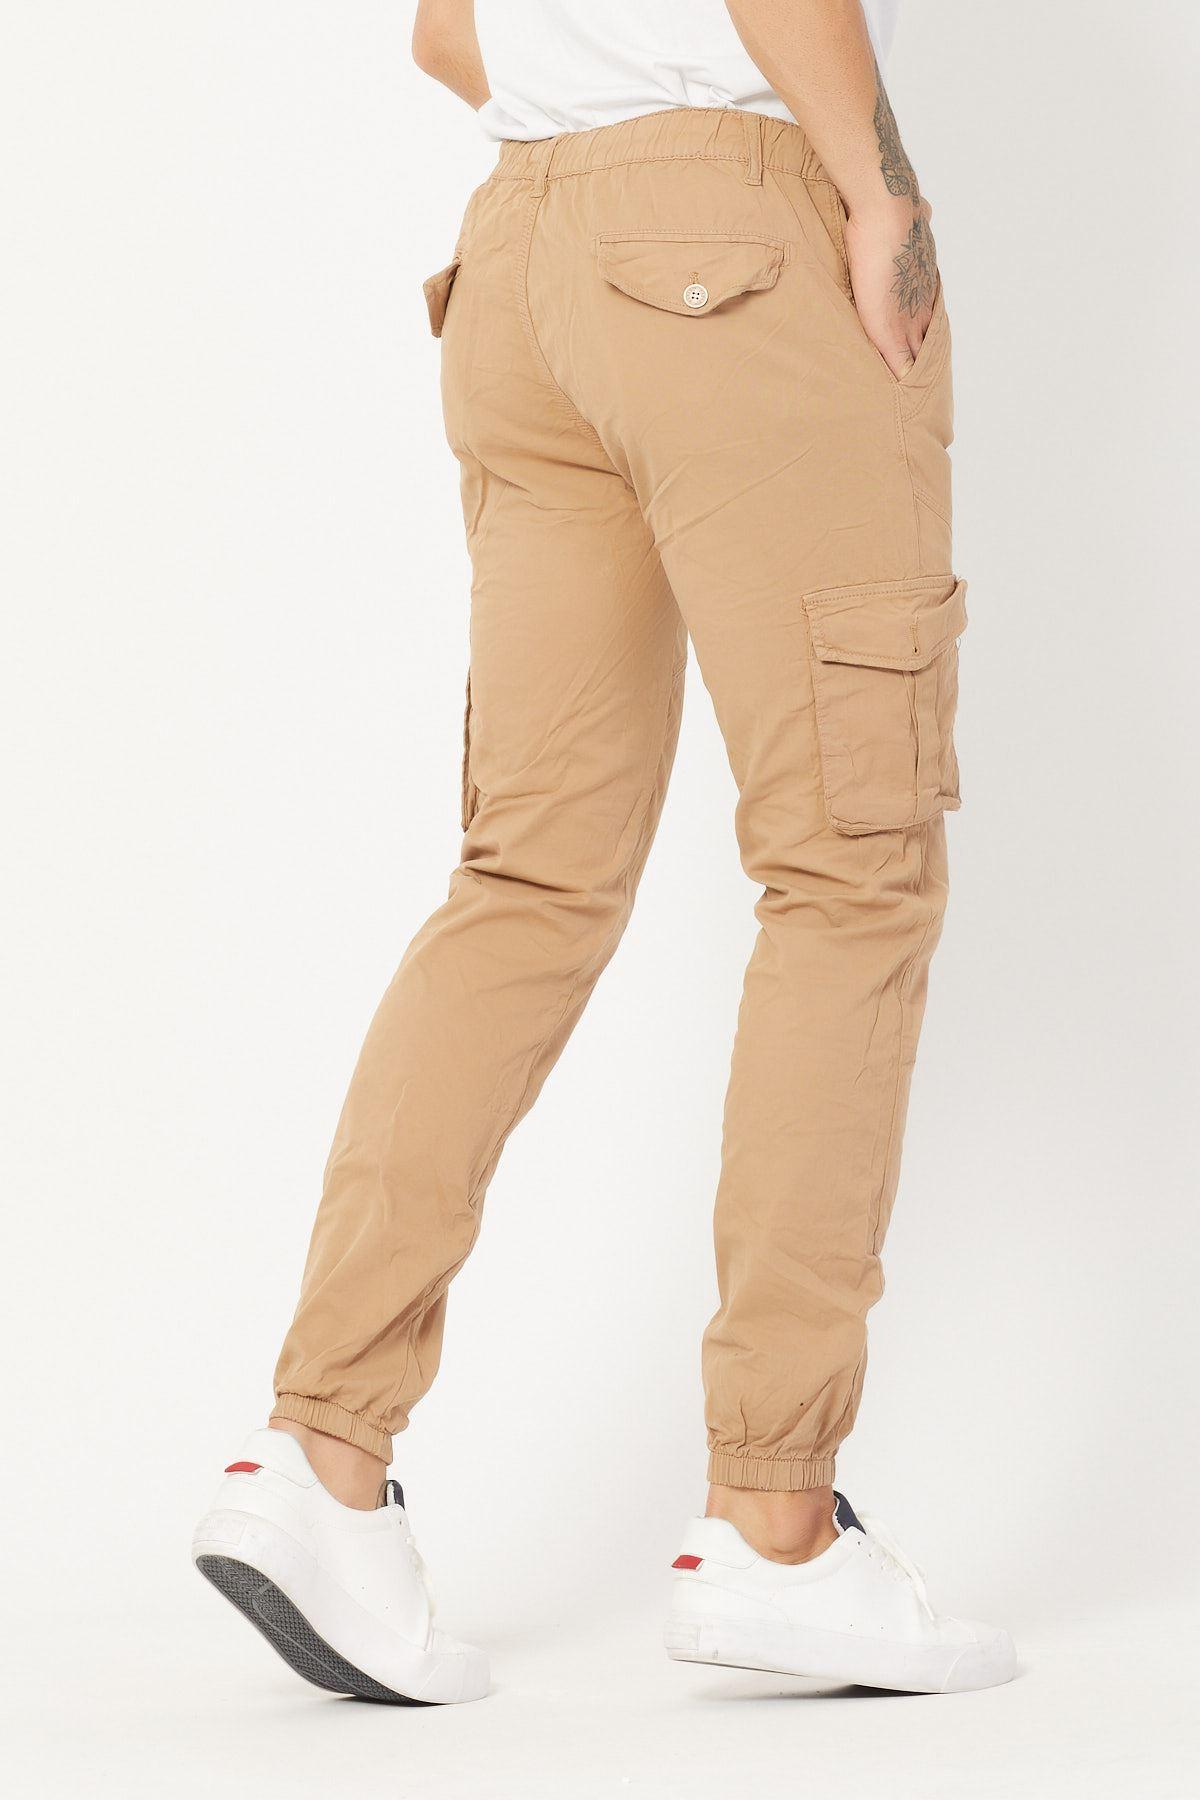 Kargo Cepli Camel Keten Pantolon